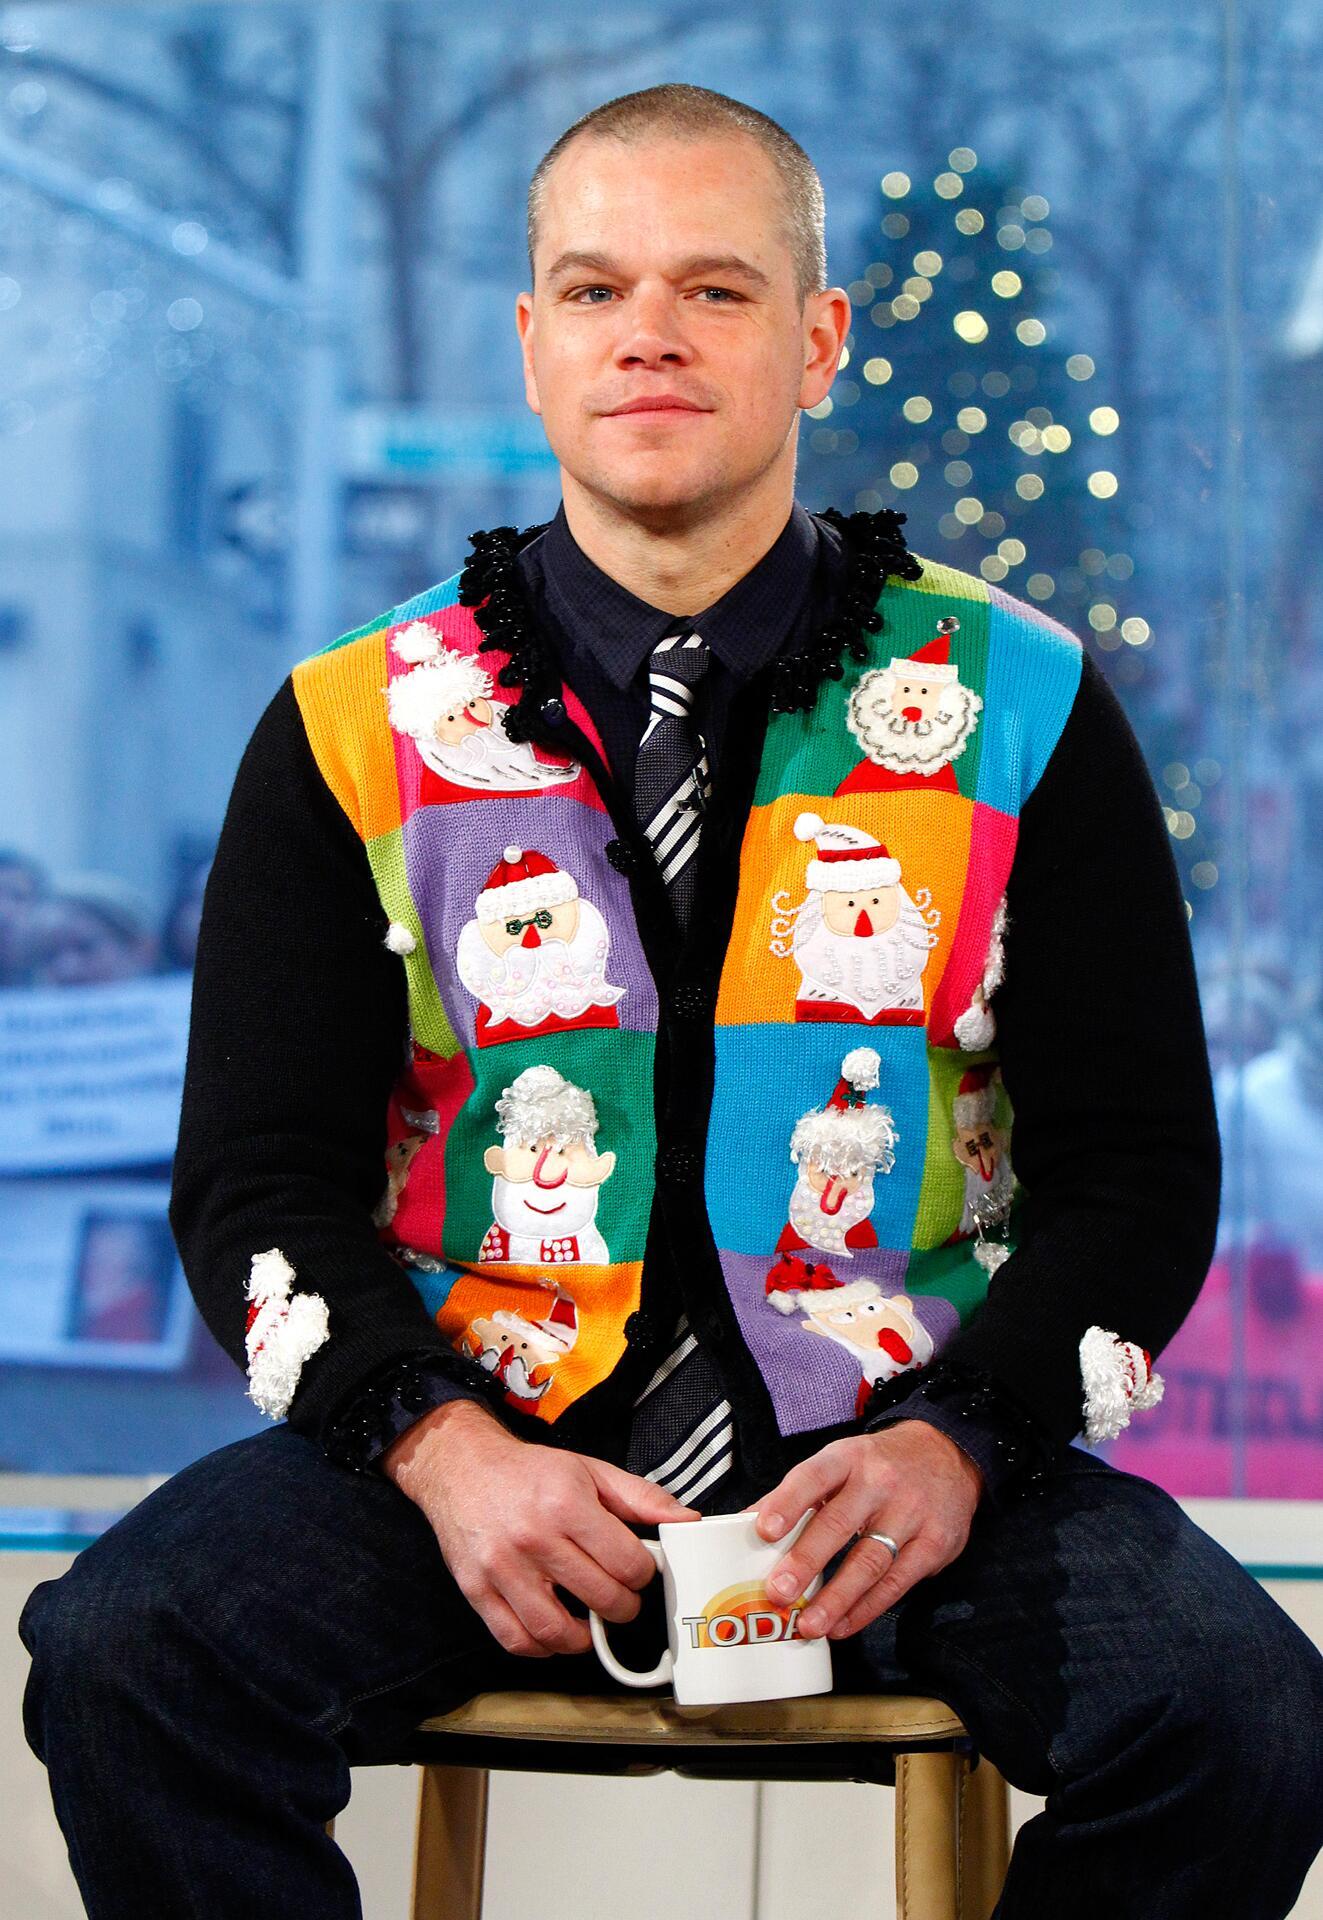 Bild zu Matt Damon, Weihnachten, Ugly Sweater